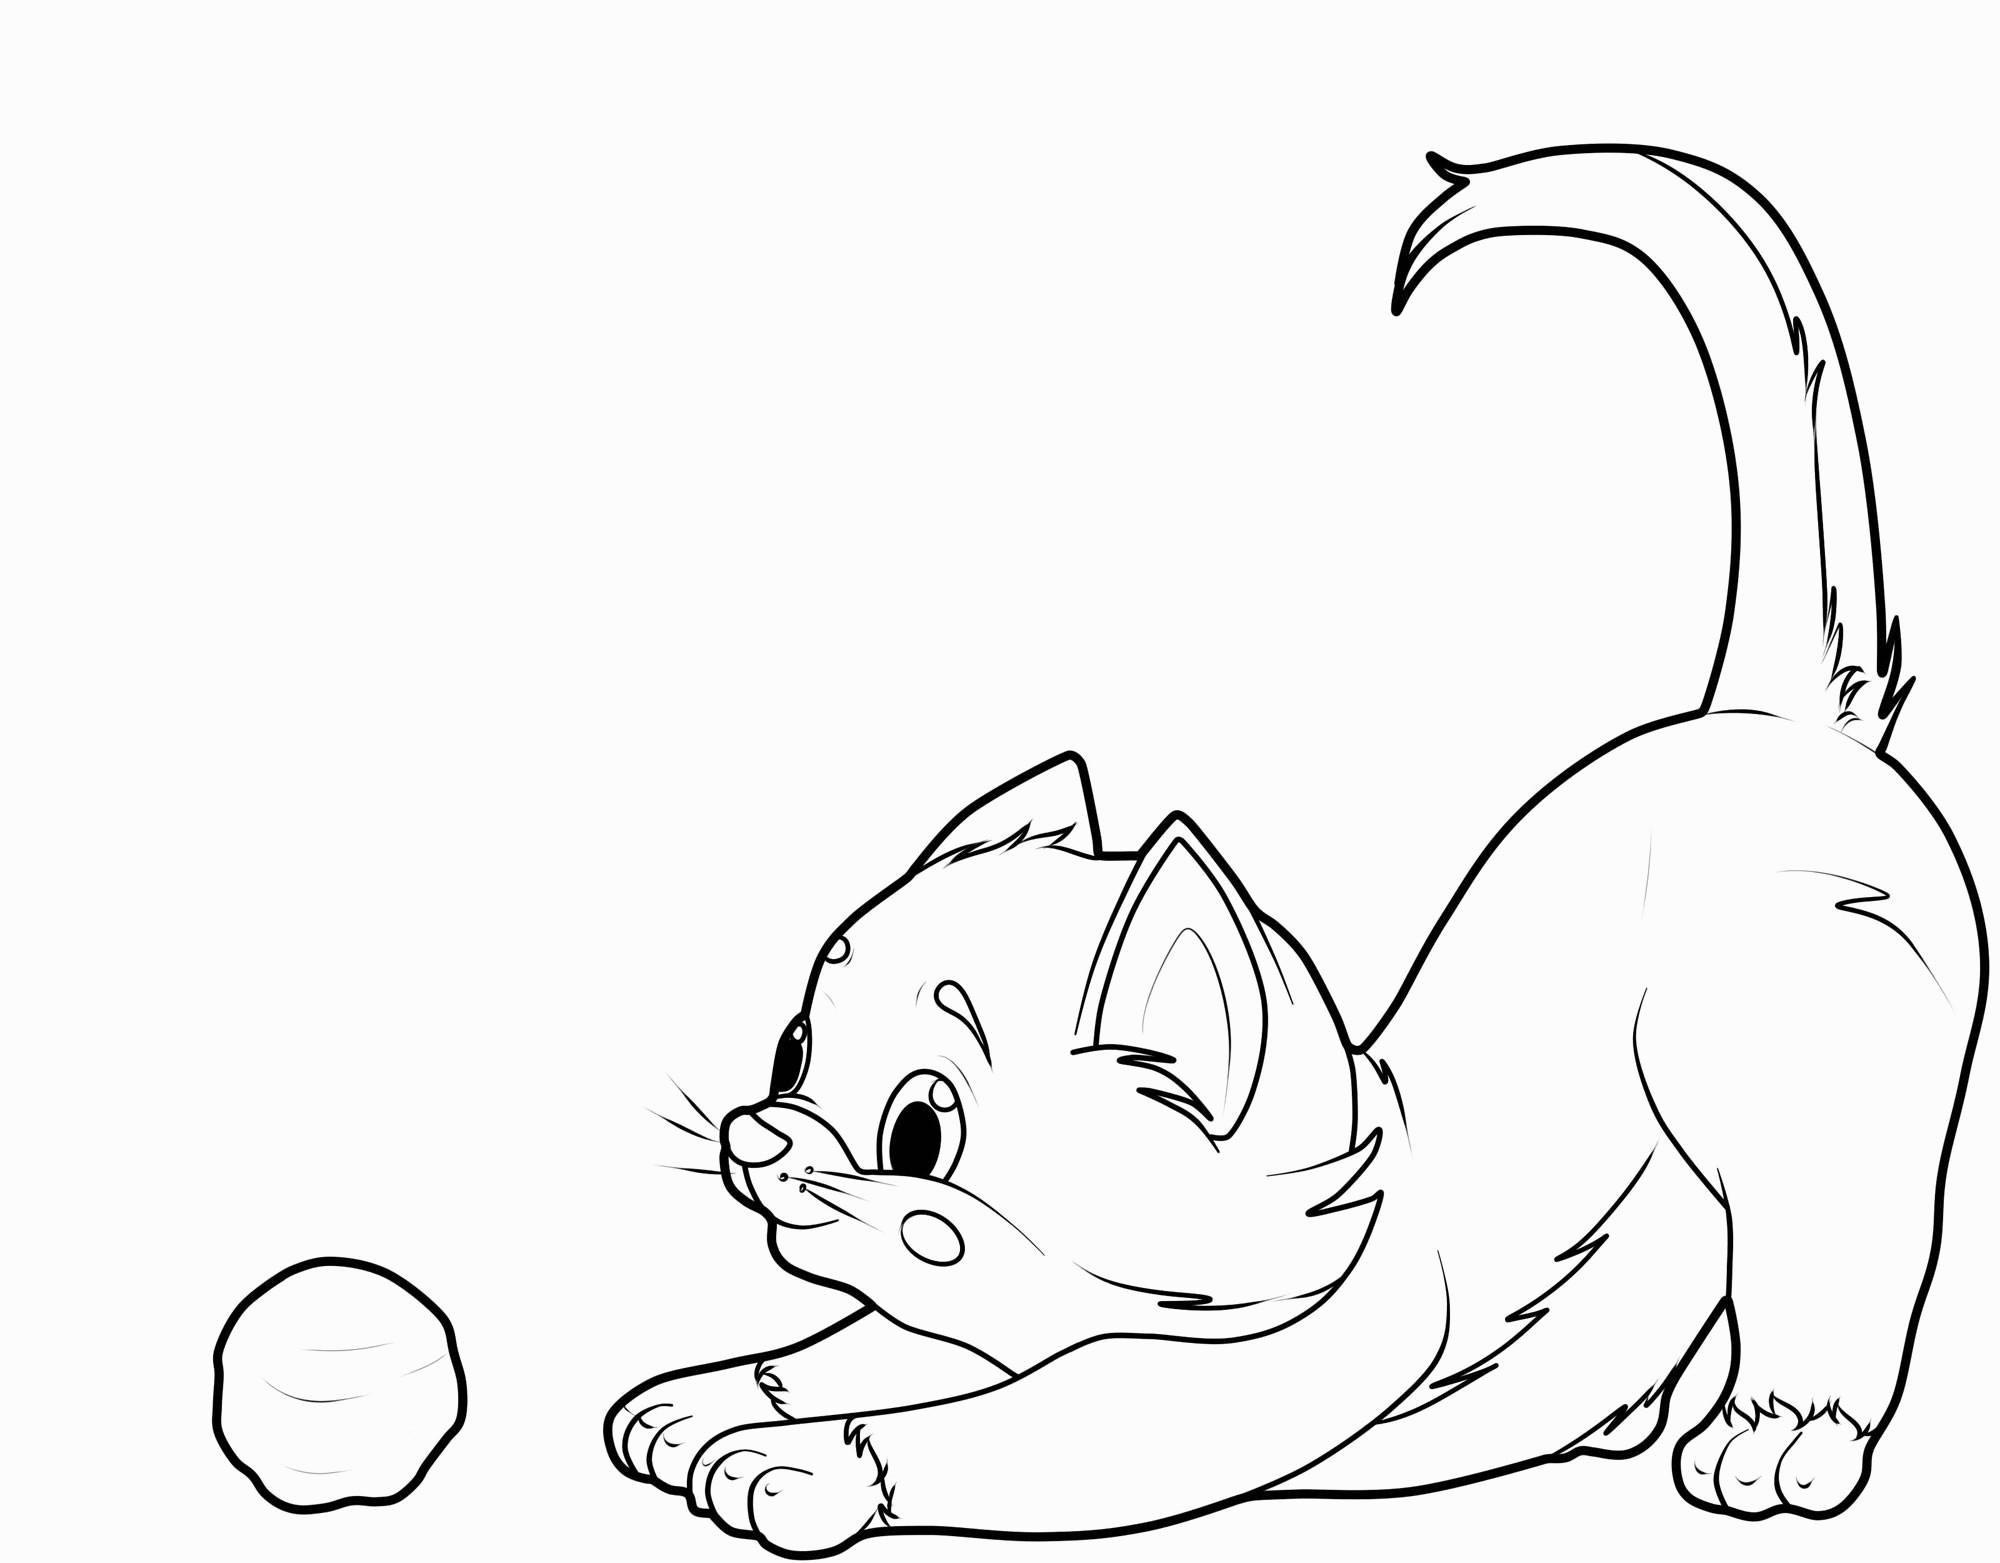 Katzenbilder Zum Ausdrucken Frisch Uranium Jeans Galerie